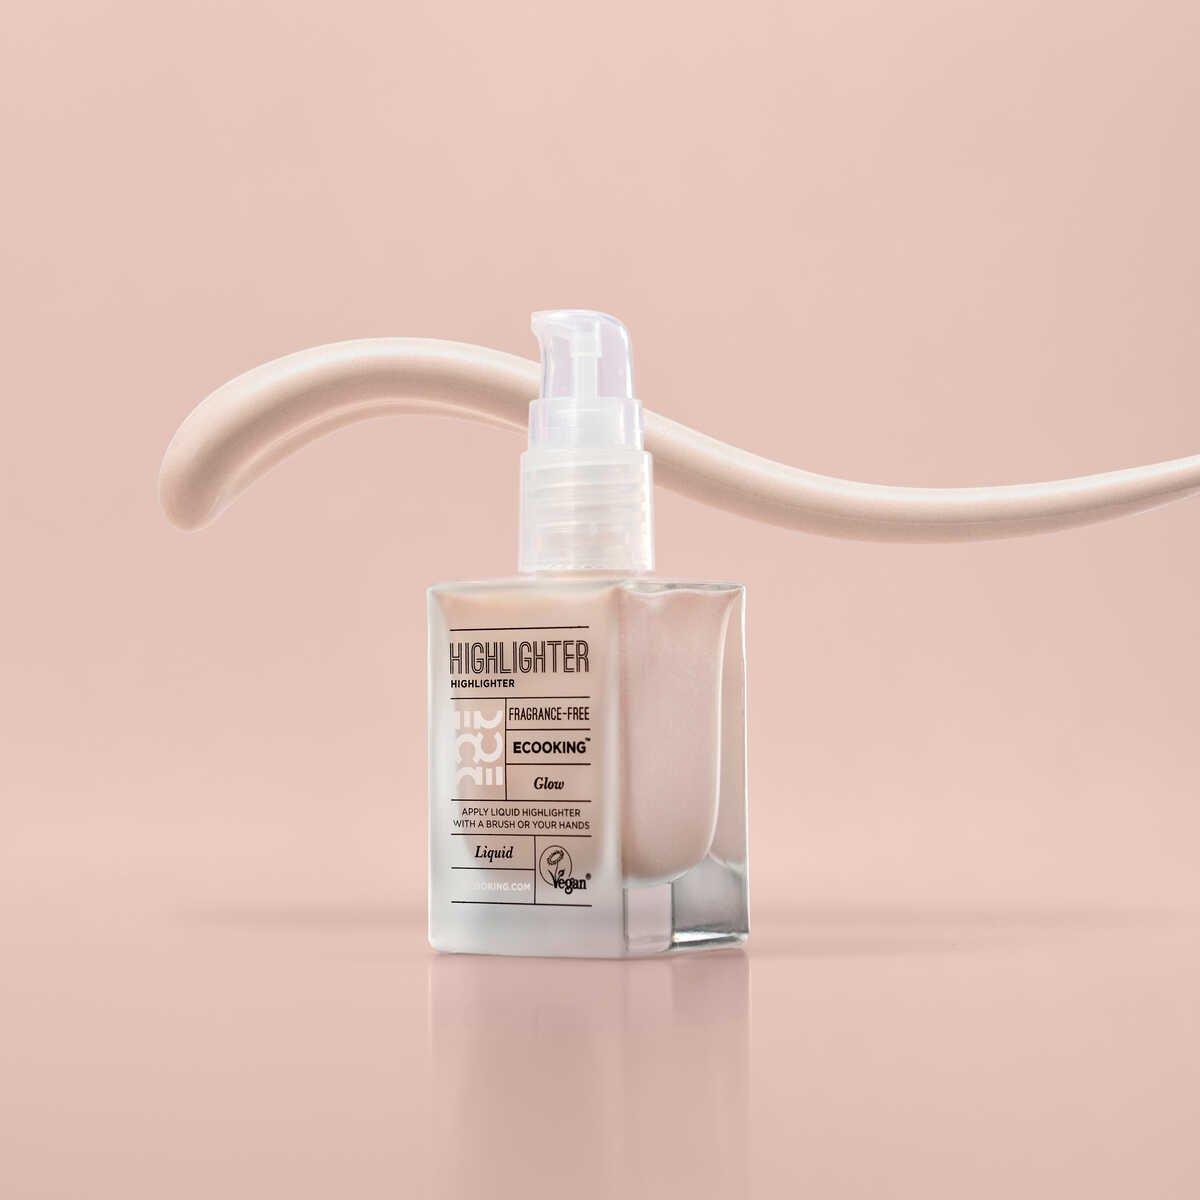 Highlighter Liquid